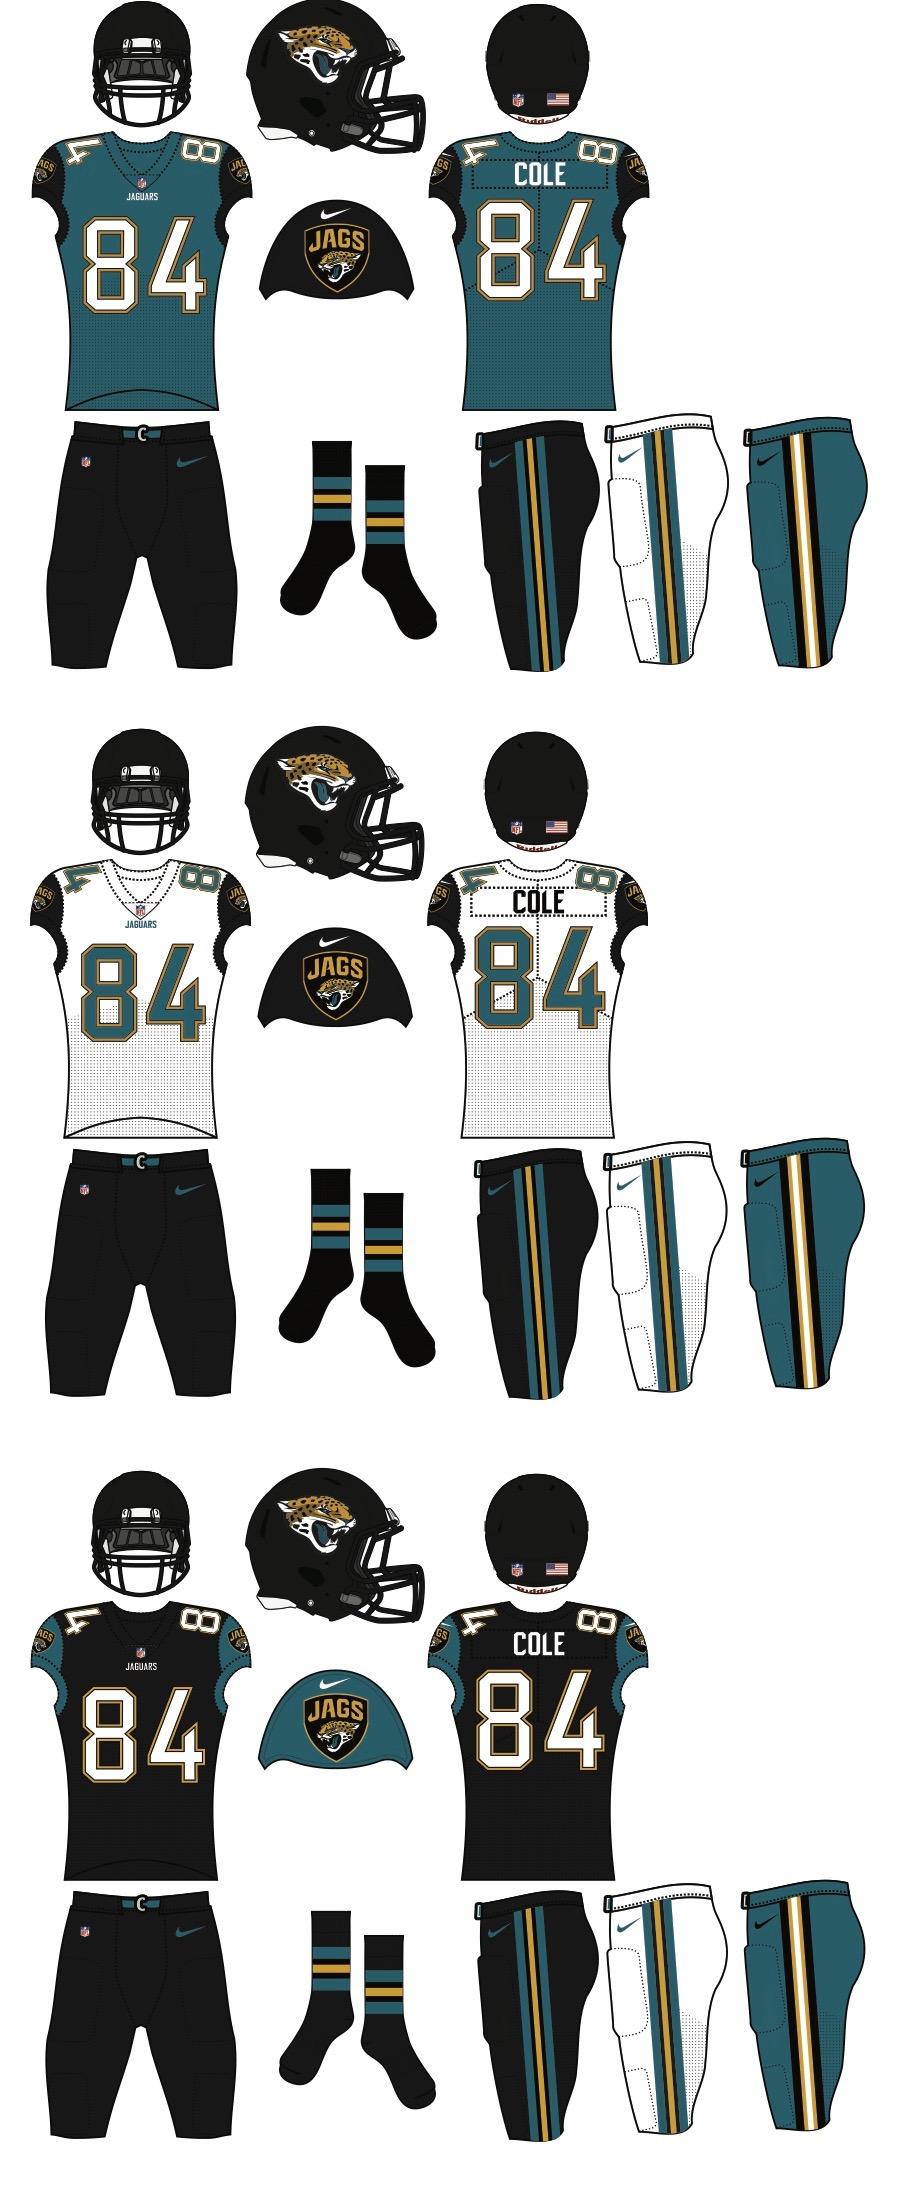 jaguars uniforms 2018